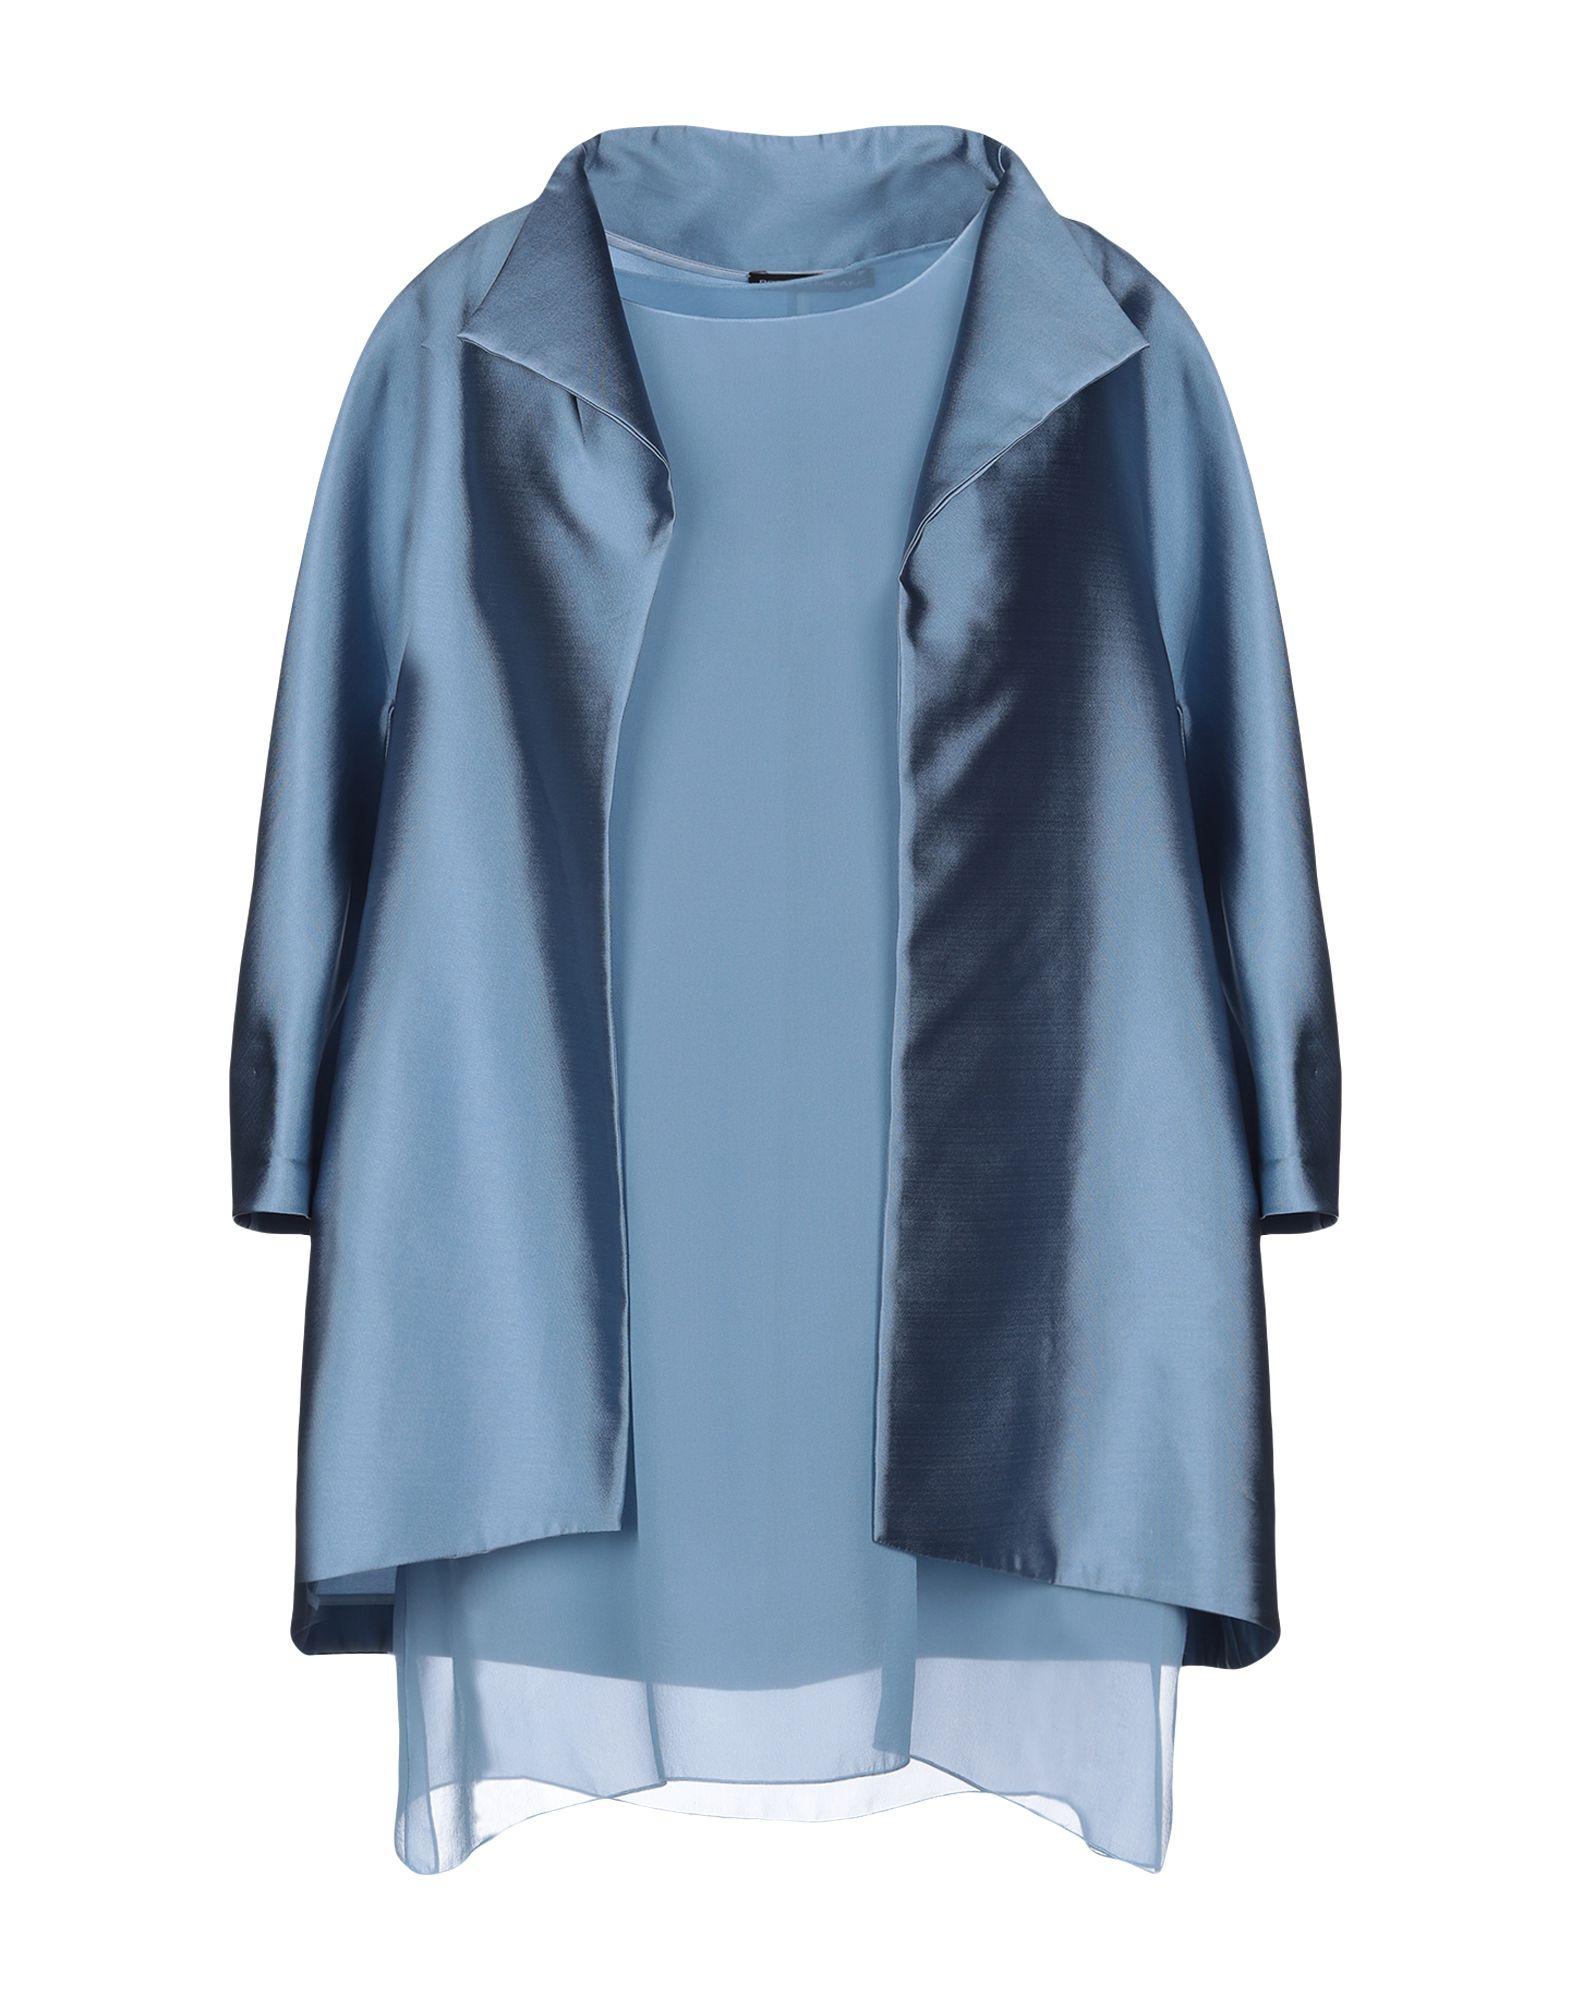 BOTONDI MILANO Пиджак комплект из тика milano